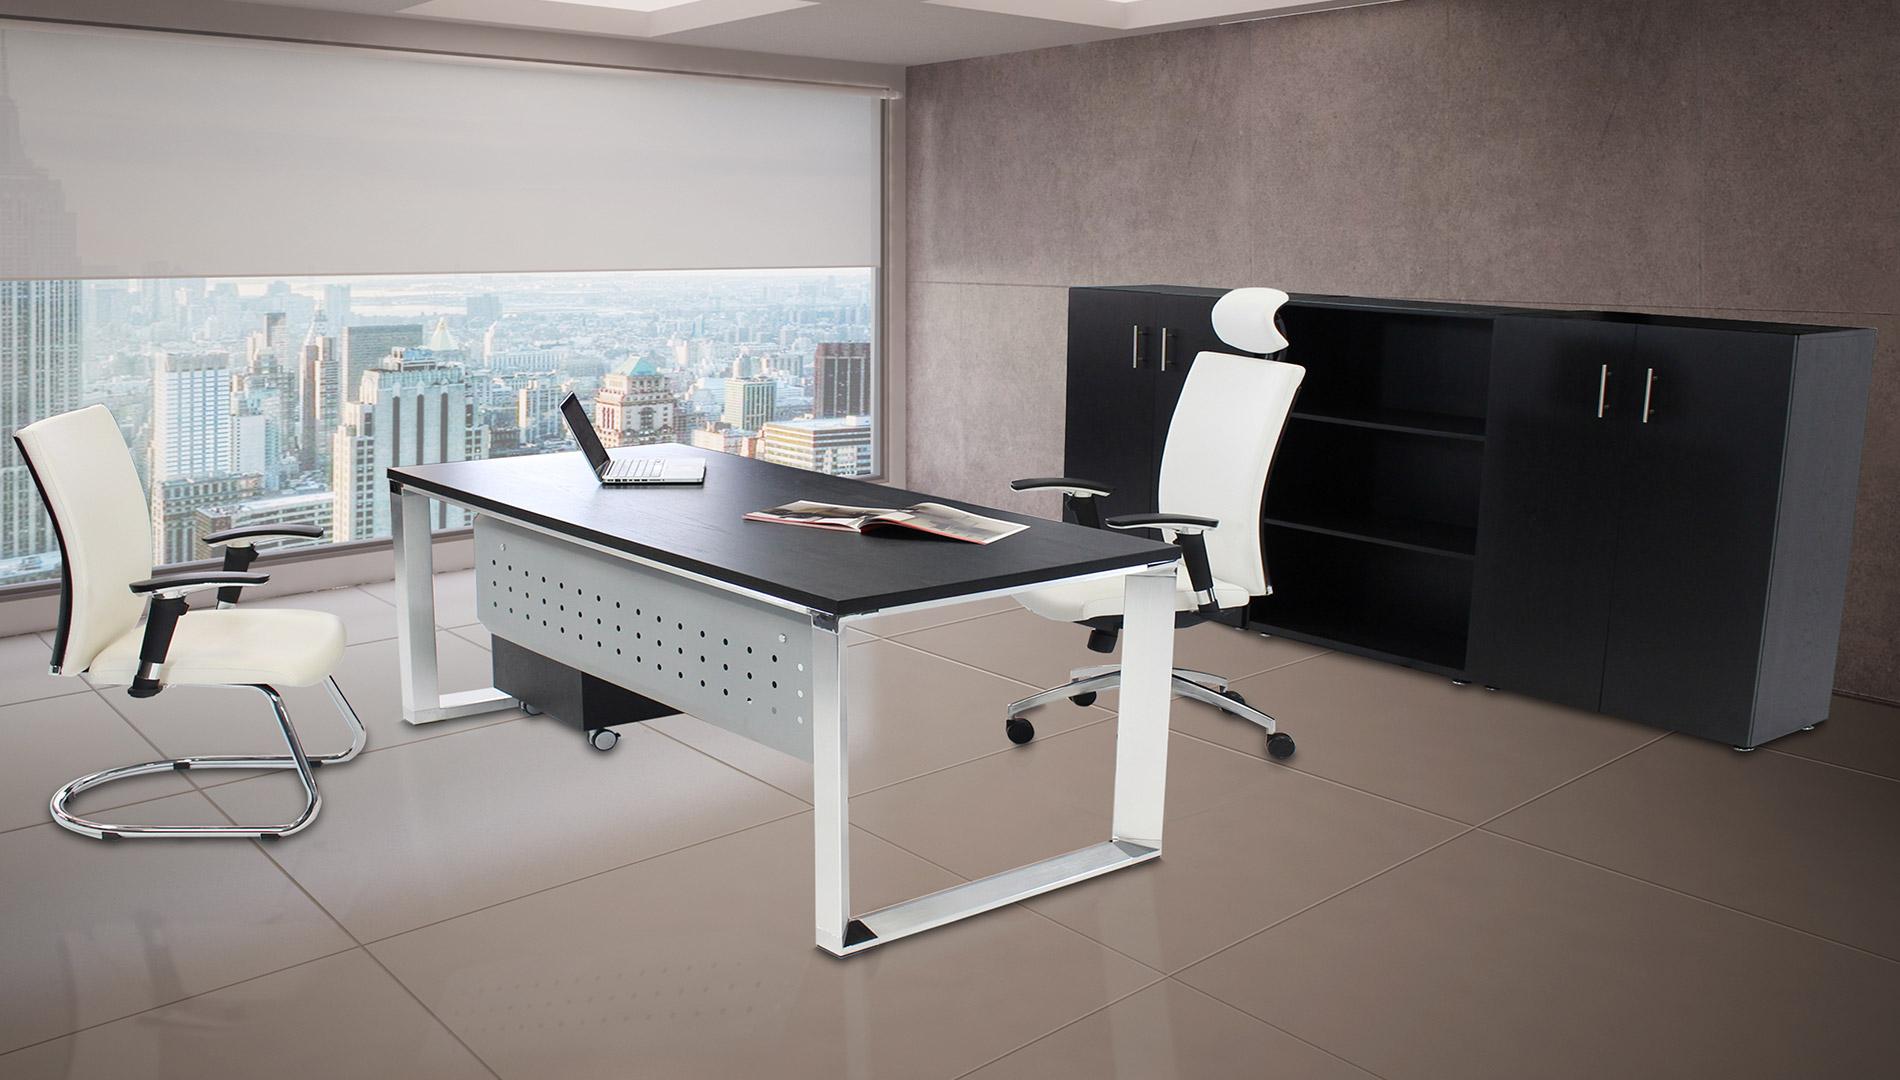 Cromadora delgado for Muebles de oficina madrid baratos